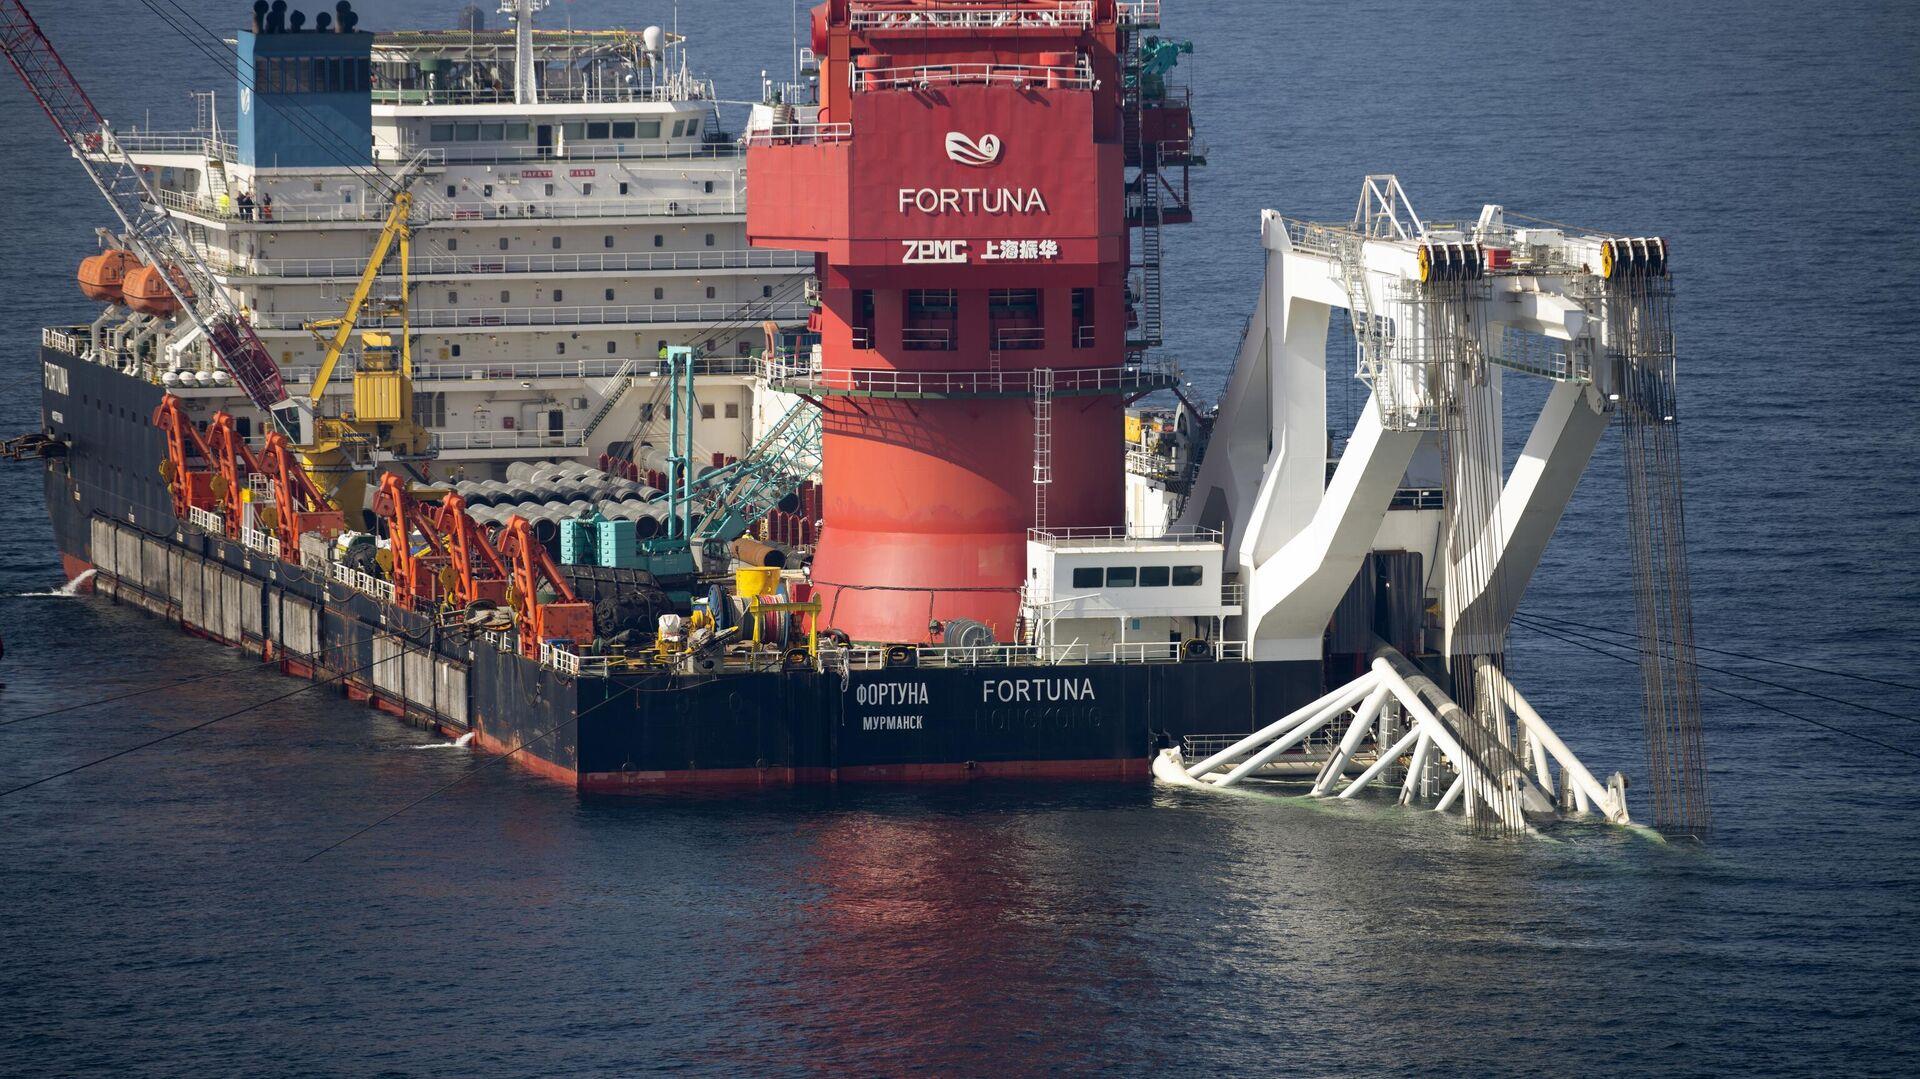 Mногоцелевое судно Фортуна во время трубоукладочных работ в водах Дании - РИА Новости, 1920, 22.09.2021